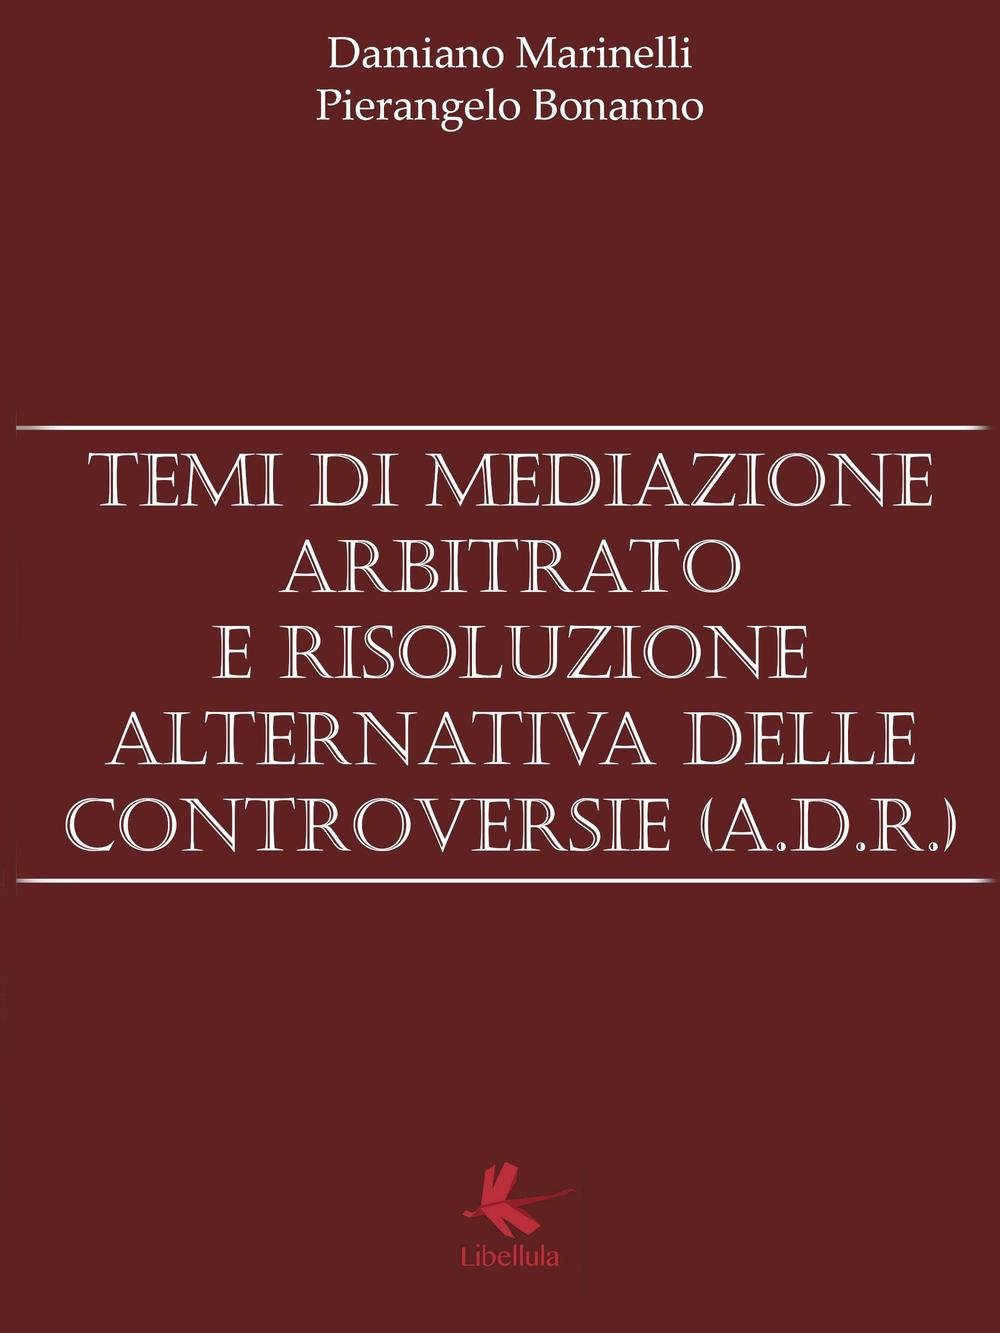 Libro Temi di mediazione